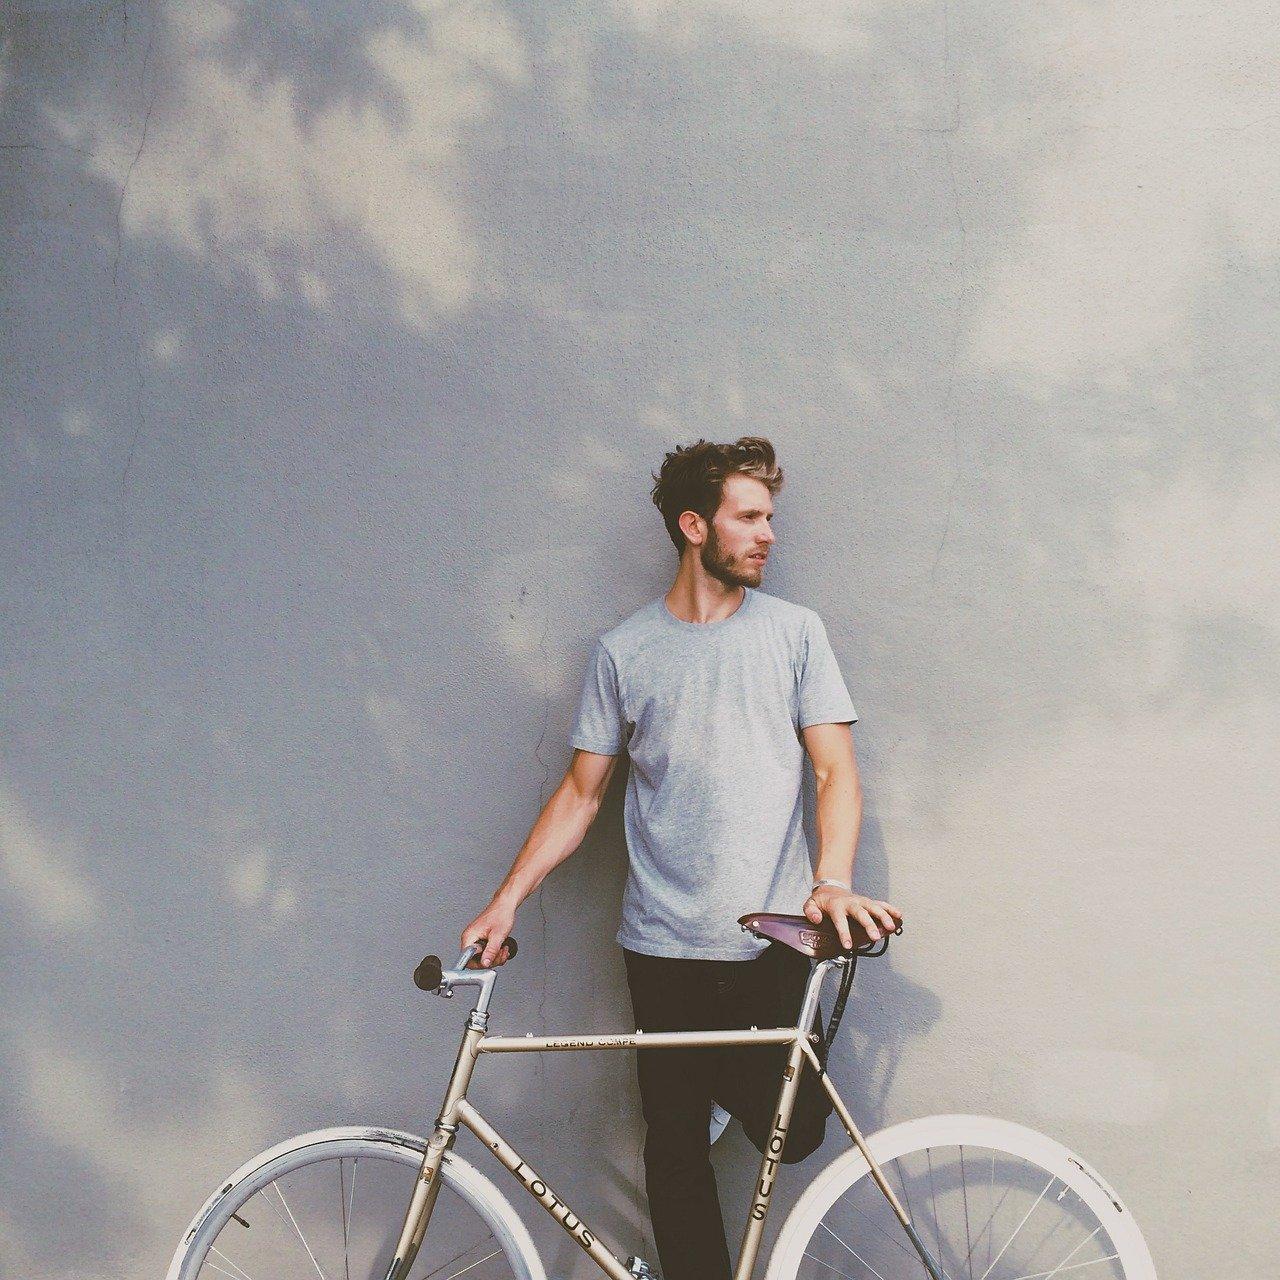 Le retour du vélo comme moyen de déplacement aujourd'hui.